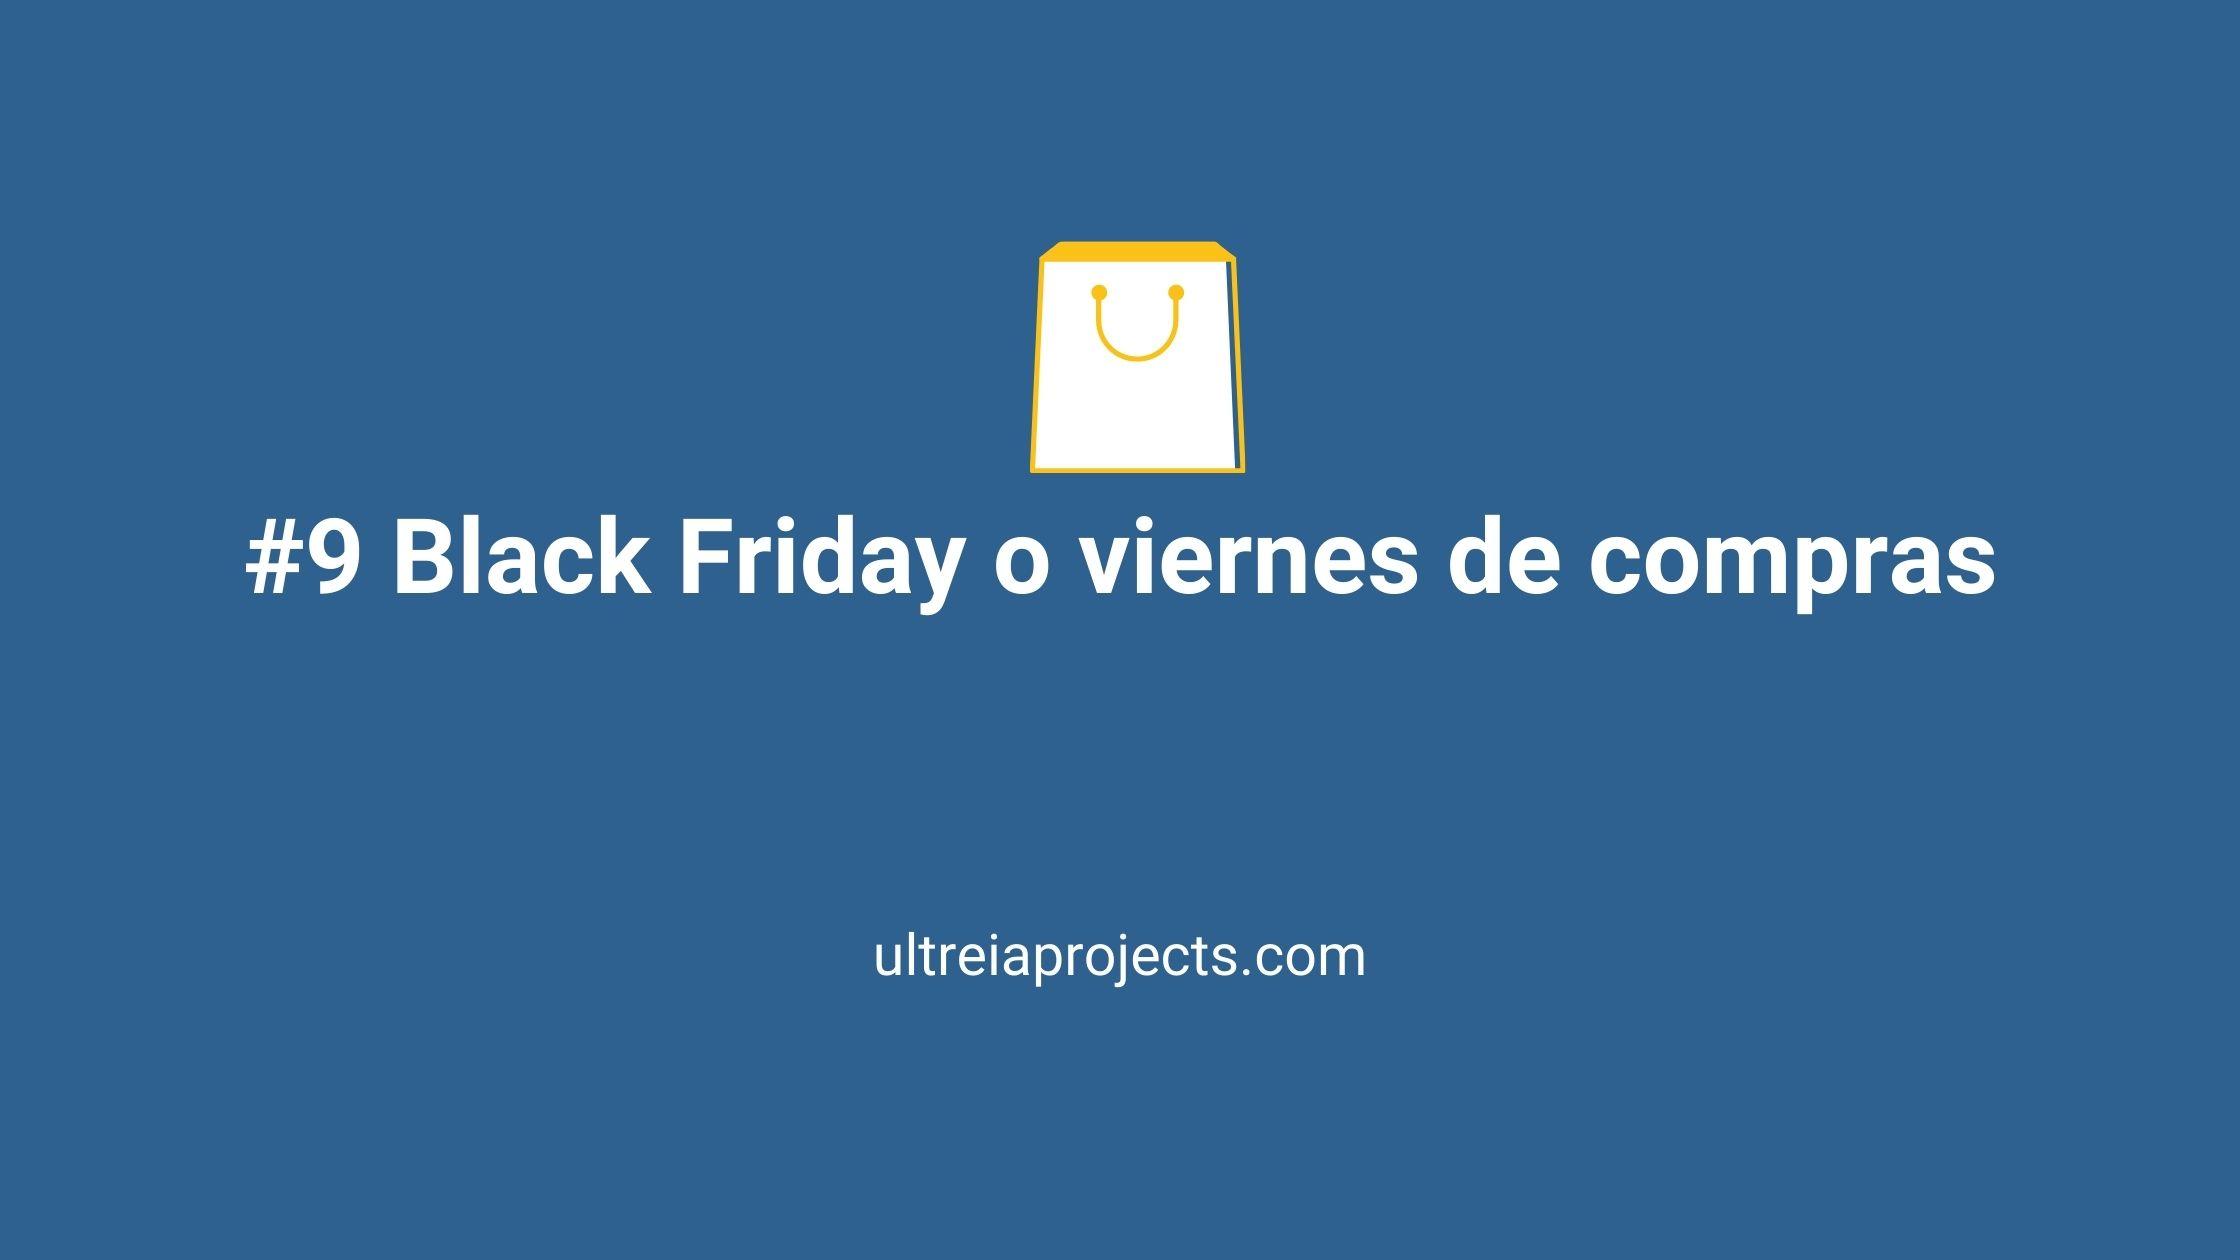 Black friday o viernes de compras